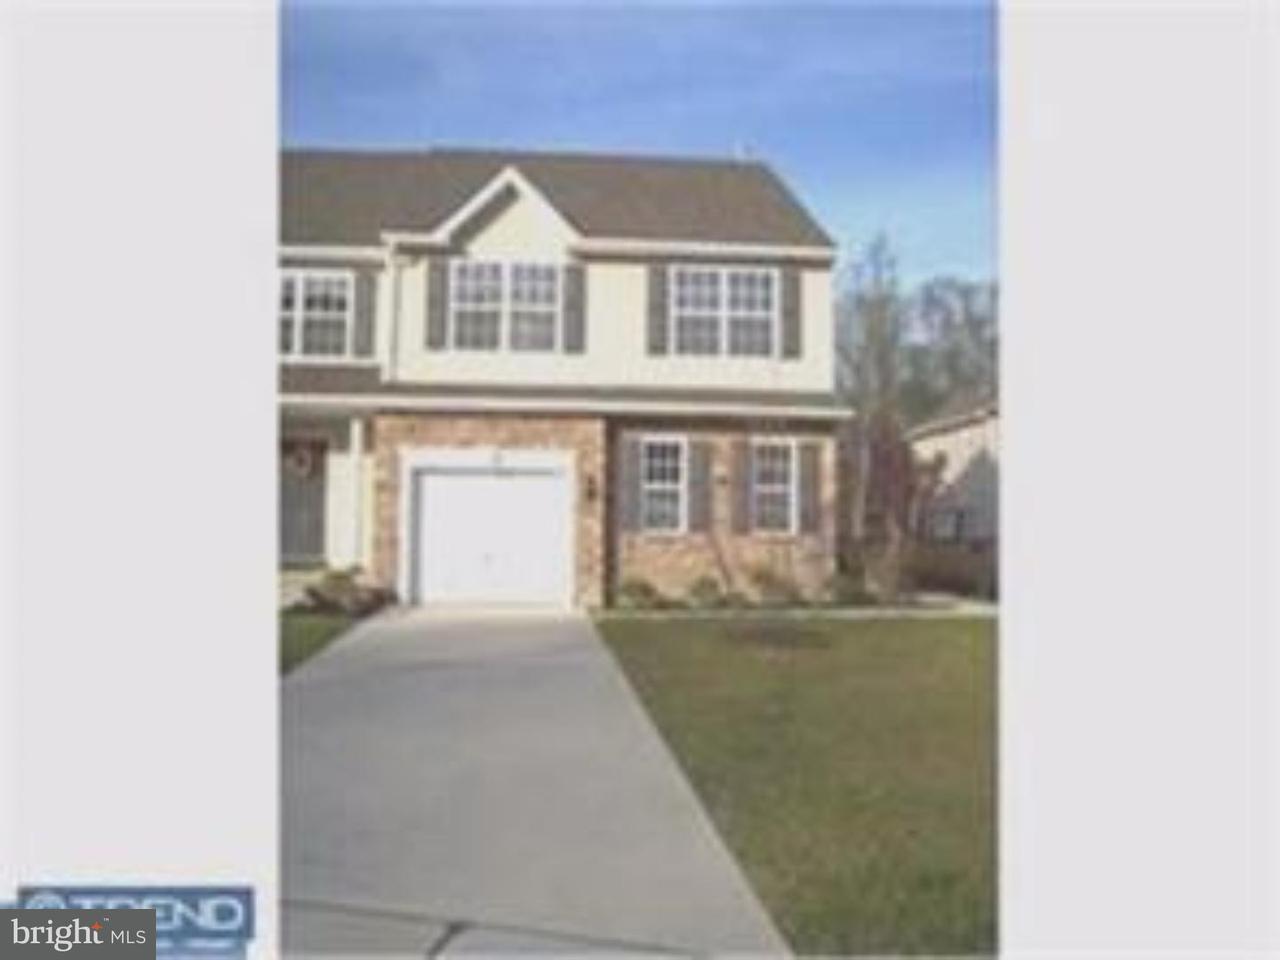 Casa unifamiliar adosada (Townhouse) por un Alquiler en 114 CELESTINO Court Blackwood, Nueva Jersey 08012 Estados Unidos